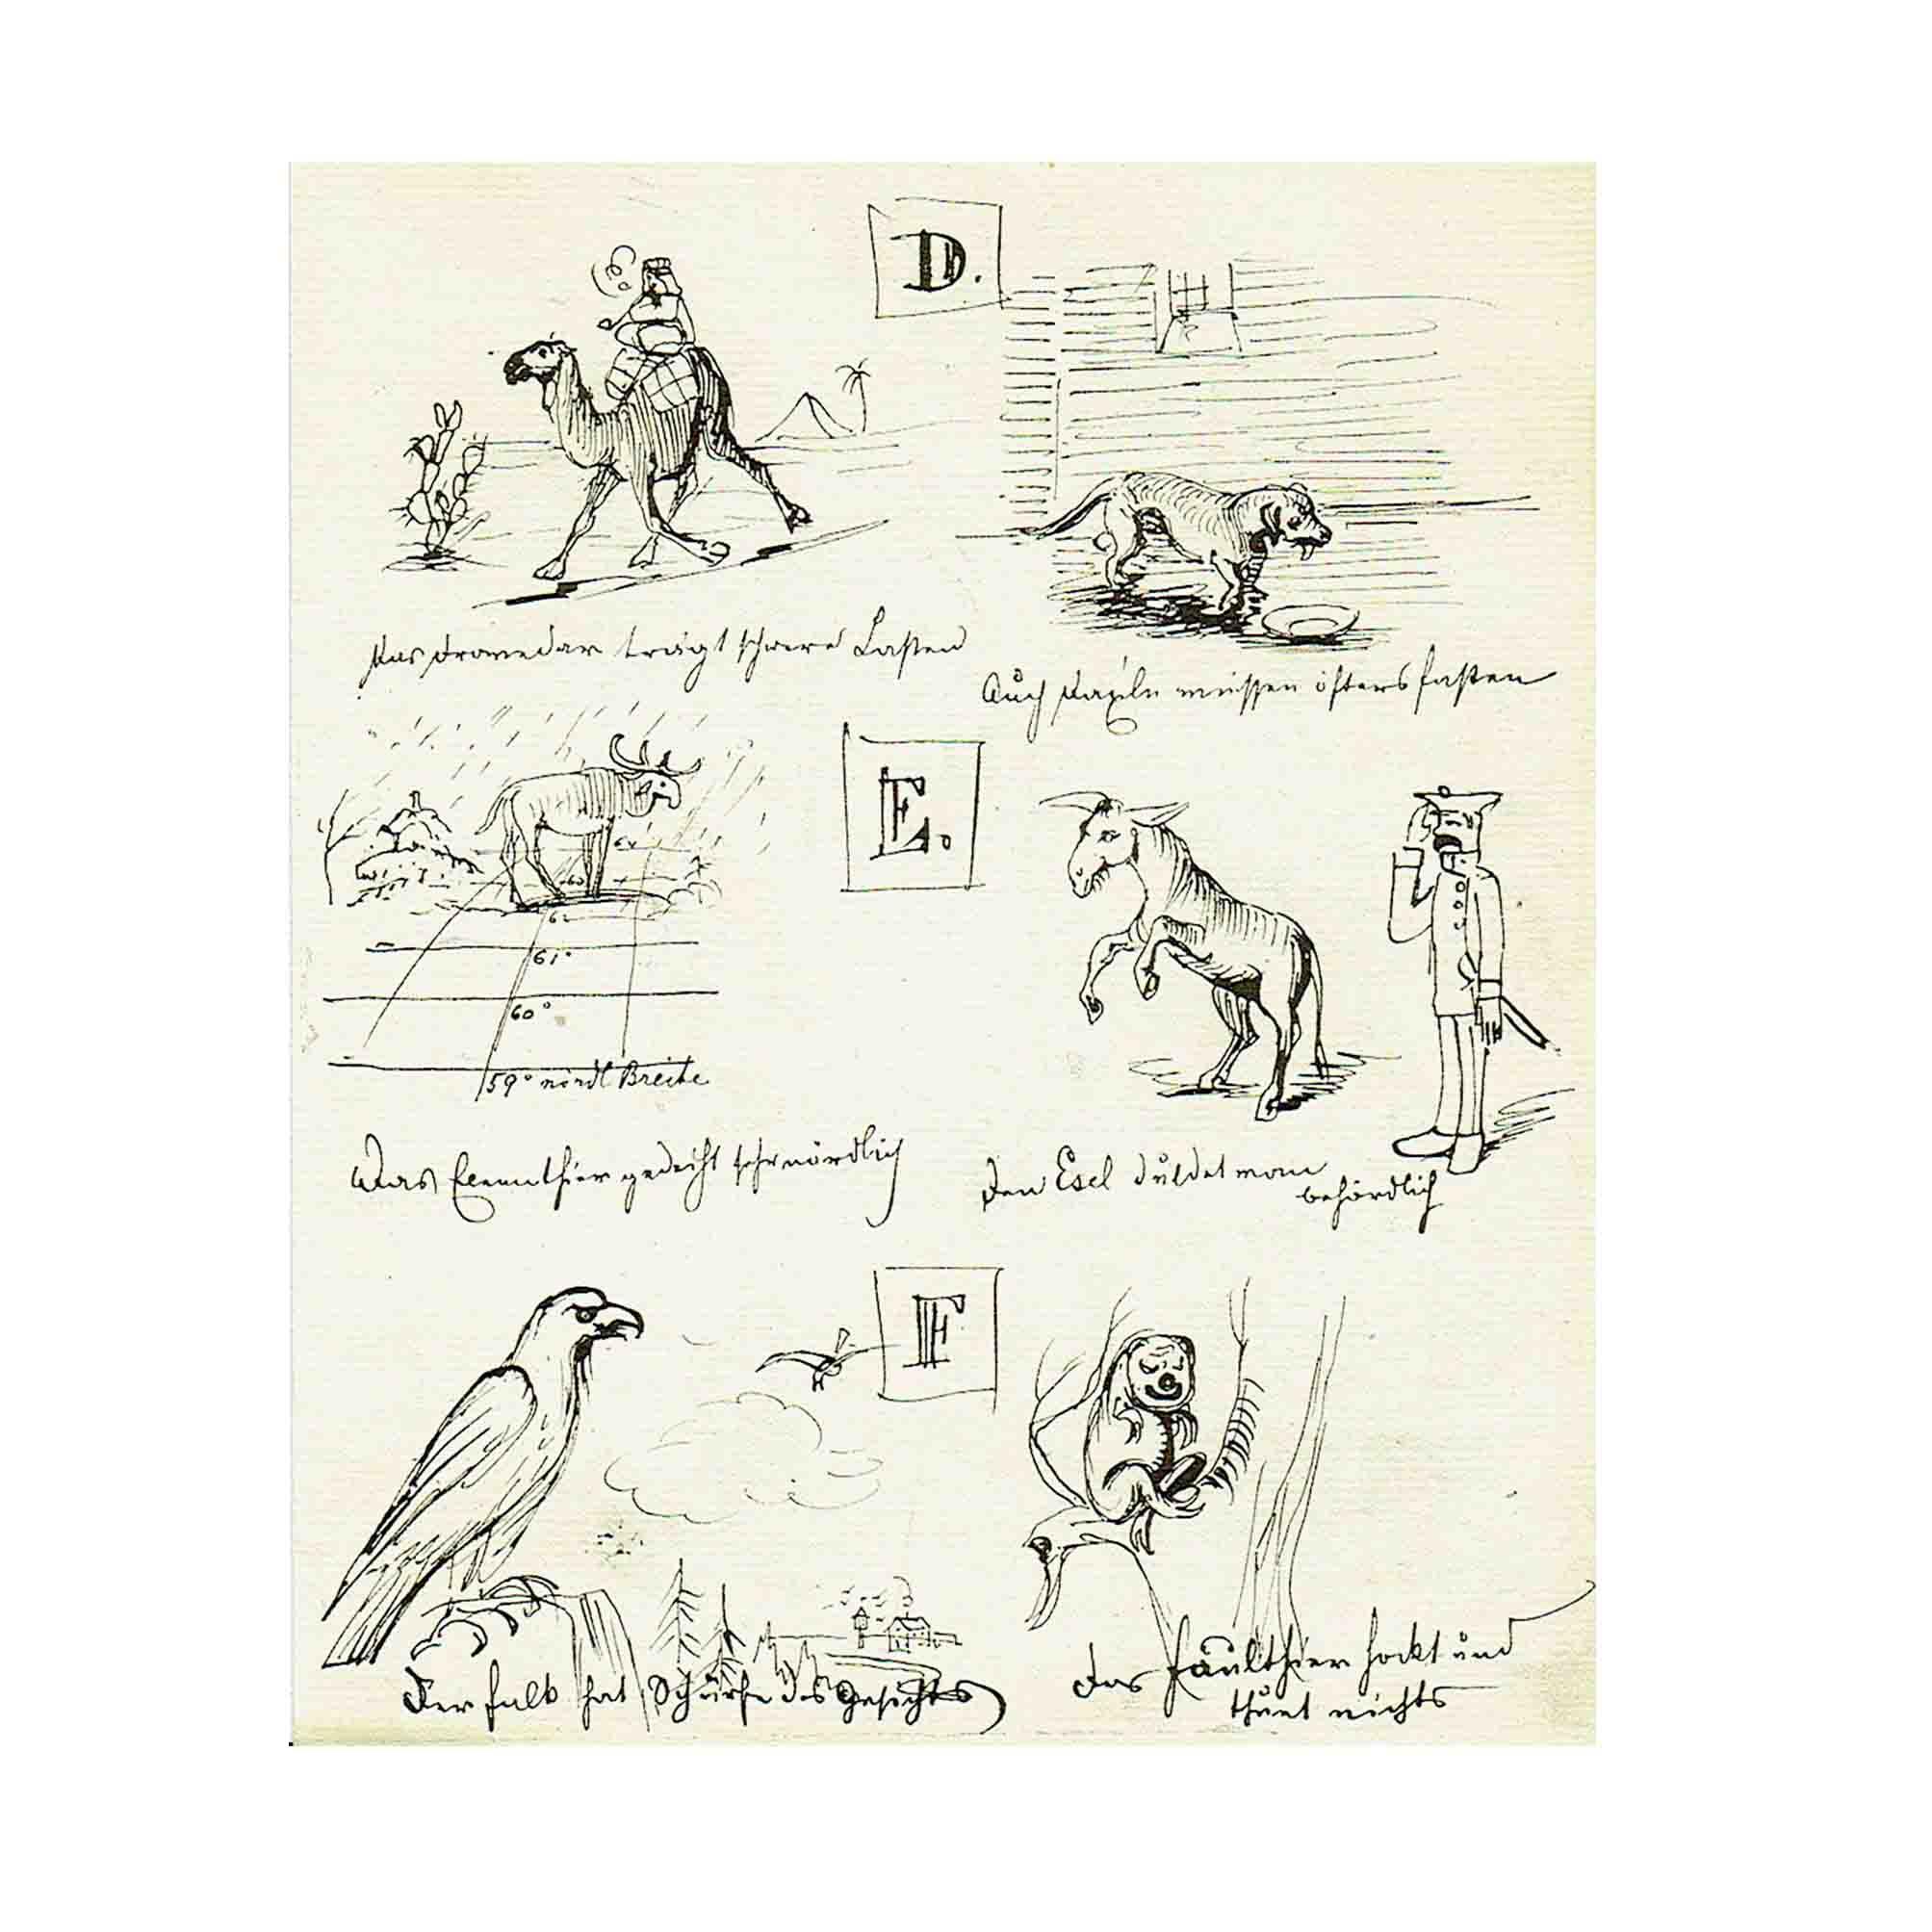 5665-Kinderfibel-Manuskript-Tusche-1867-D-F-N.jpeg